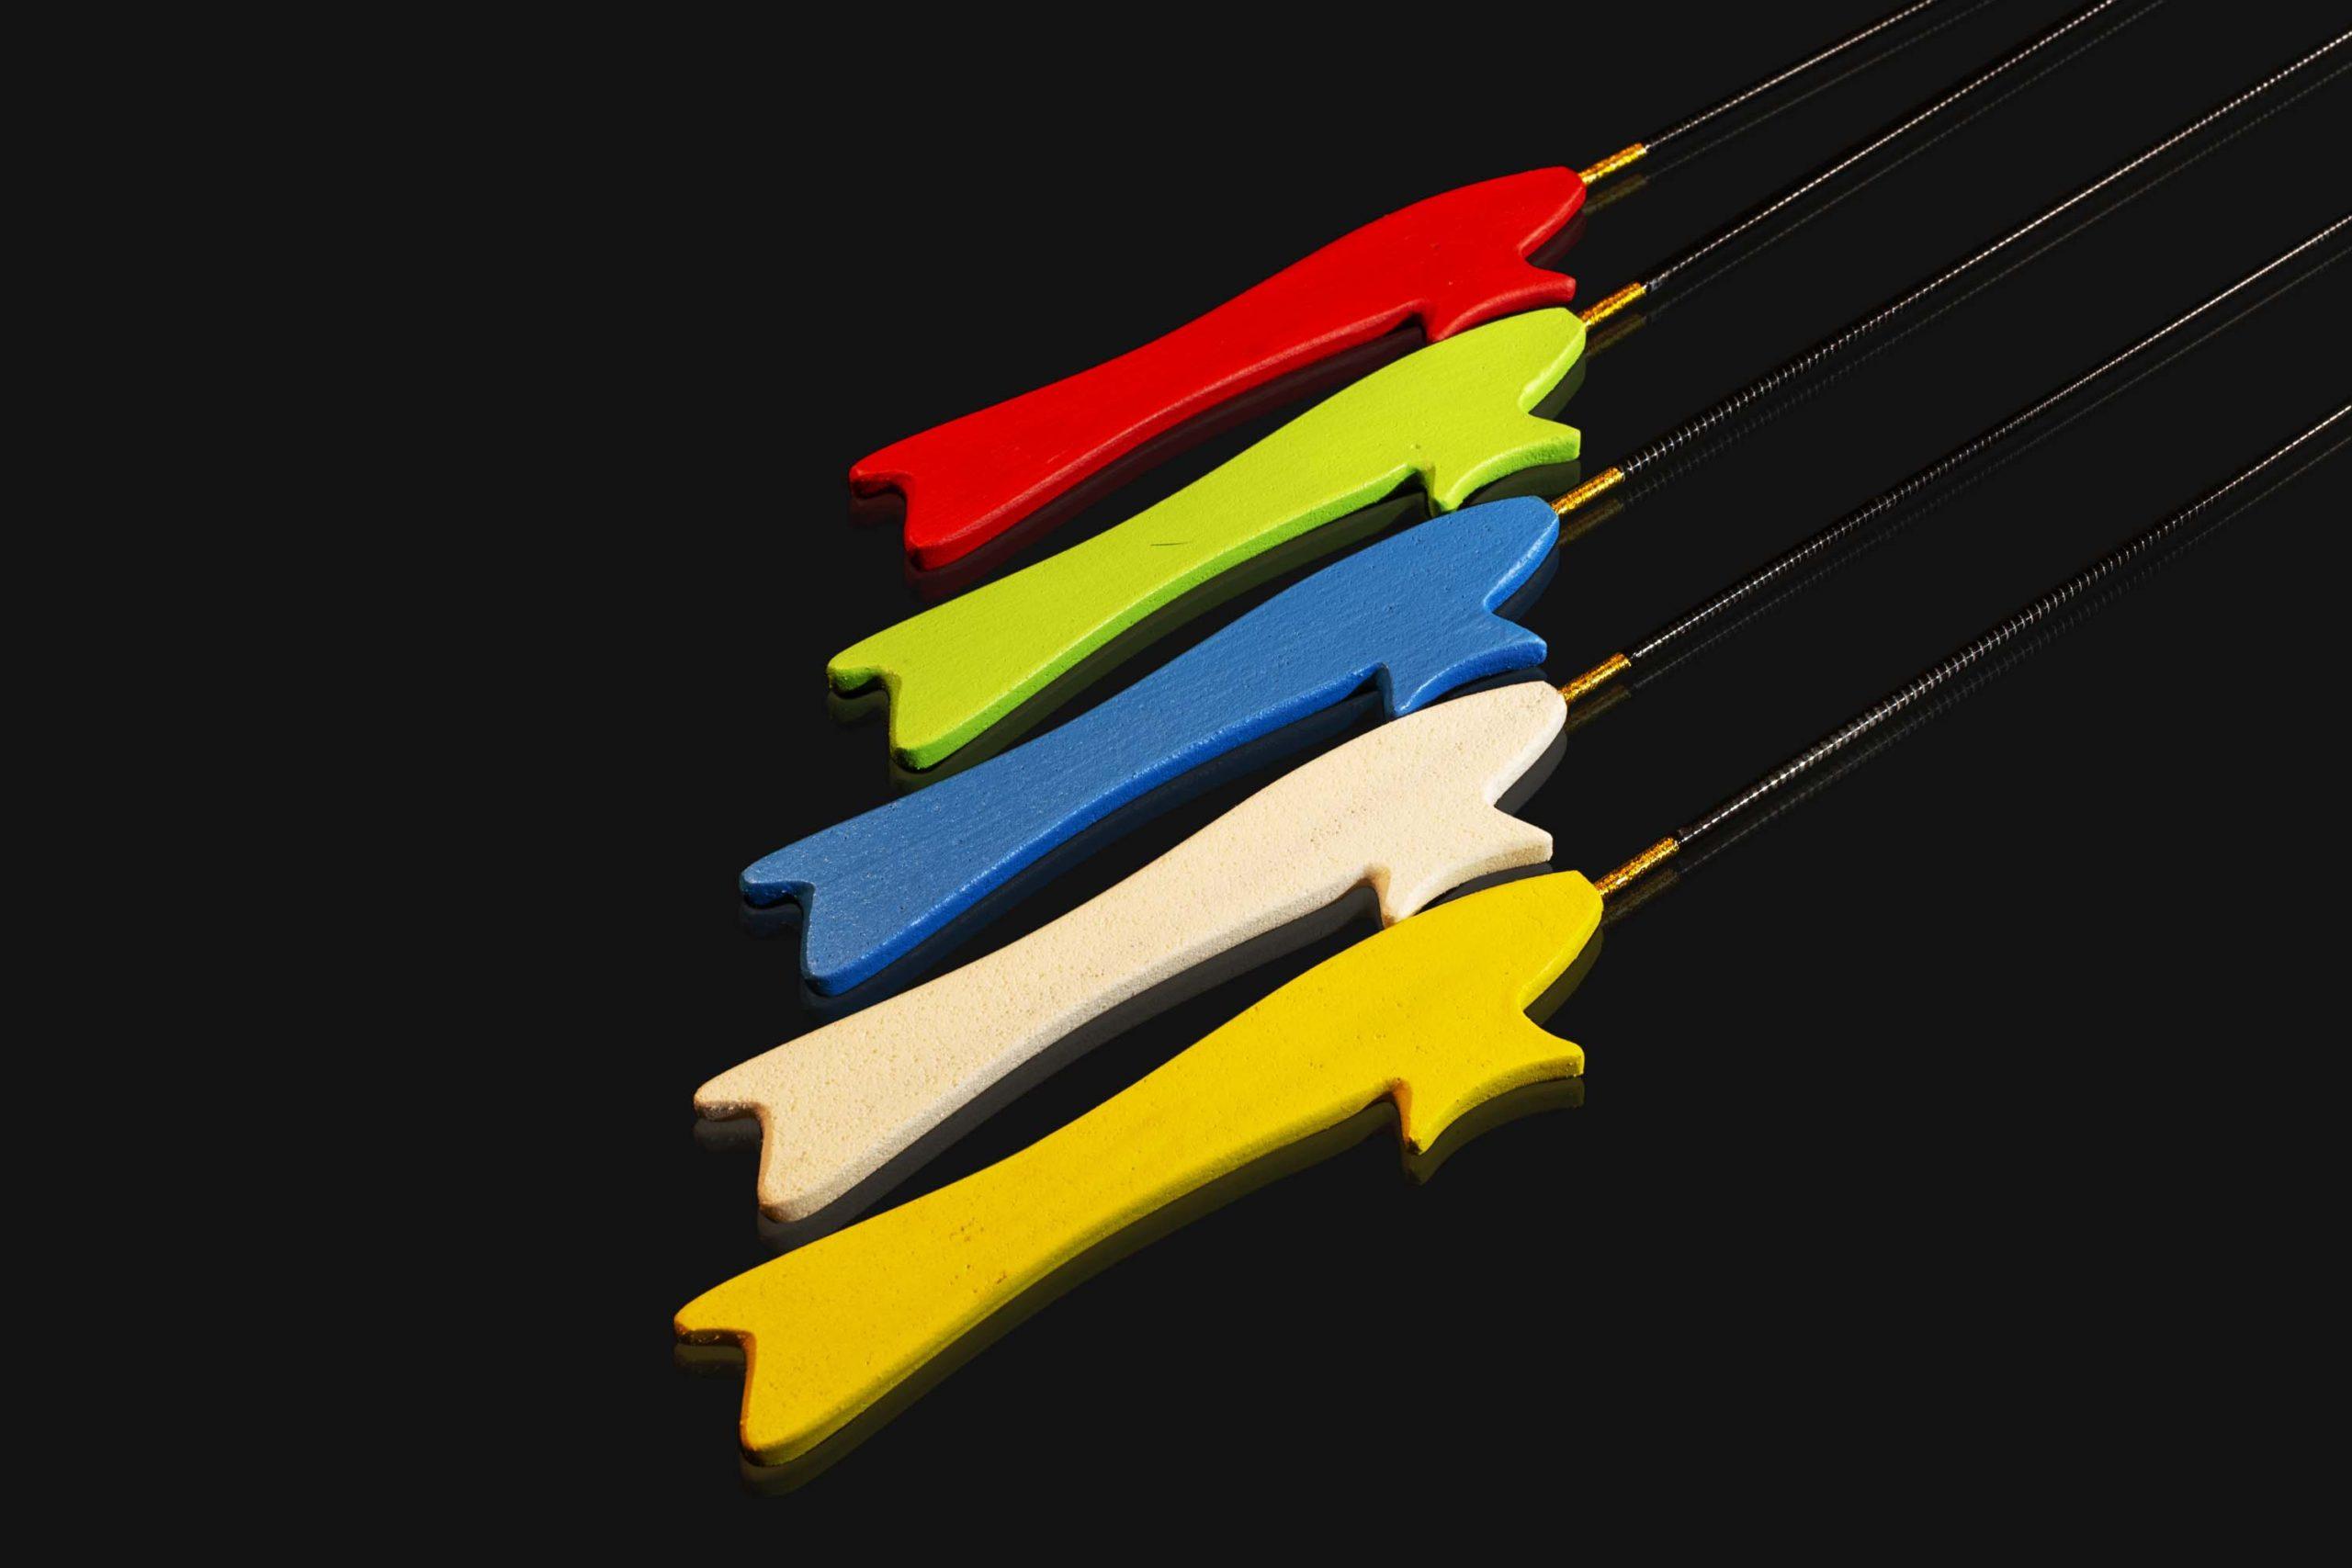 Зимняя удочка ручной работы Артуда Фокстрот Лайт отлично подойдет любителям вариантов ловли с «плоским» хватом.